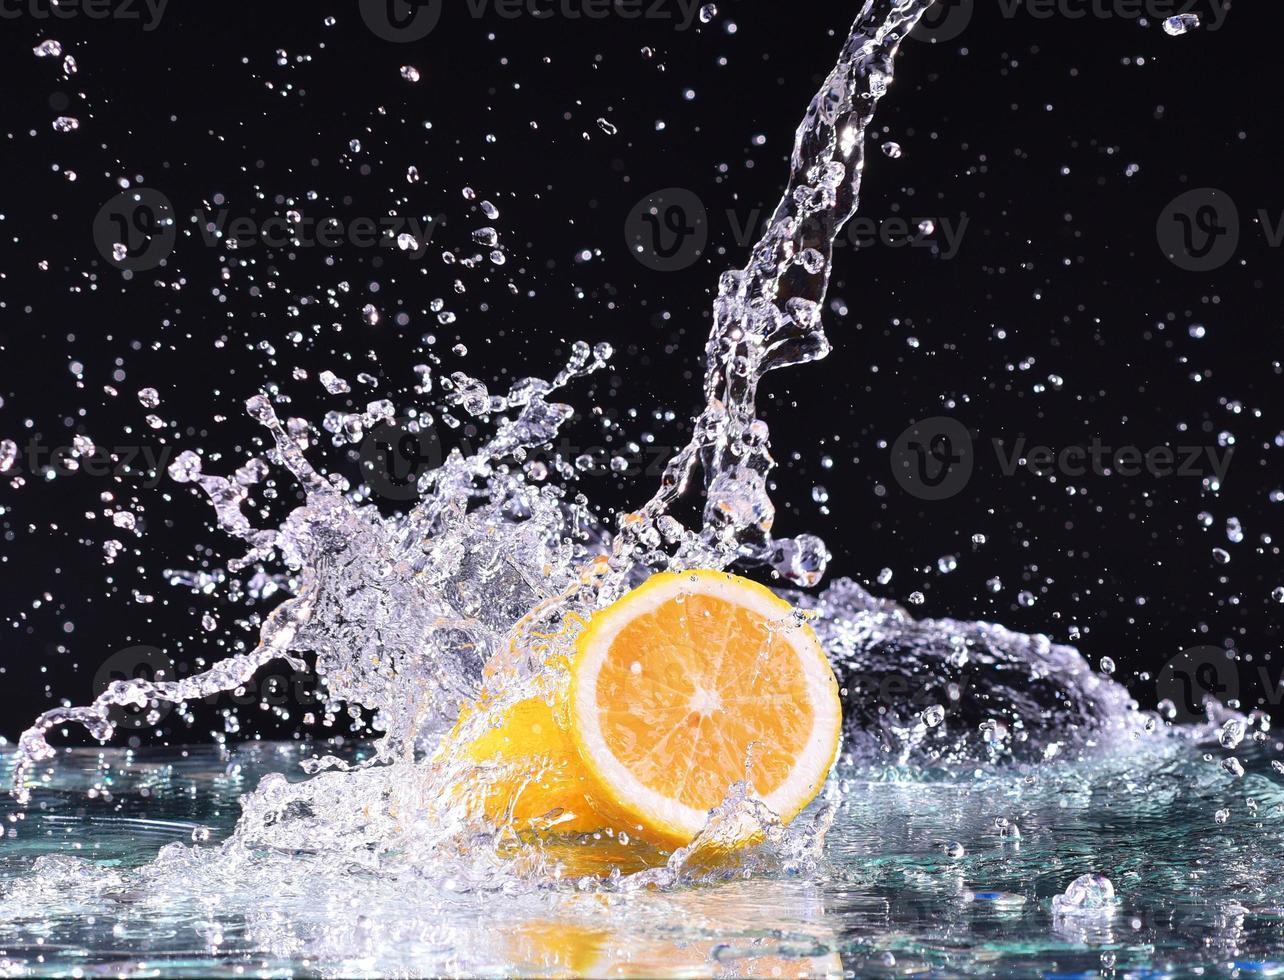 Macro water splash on lemon. Water drops with juicy lemon photo